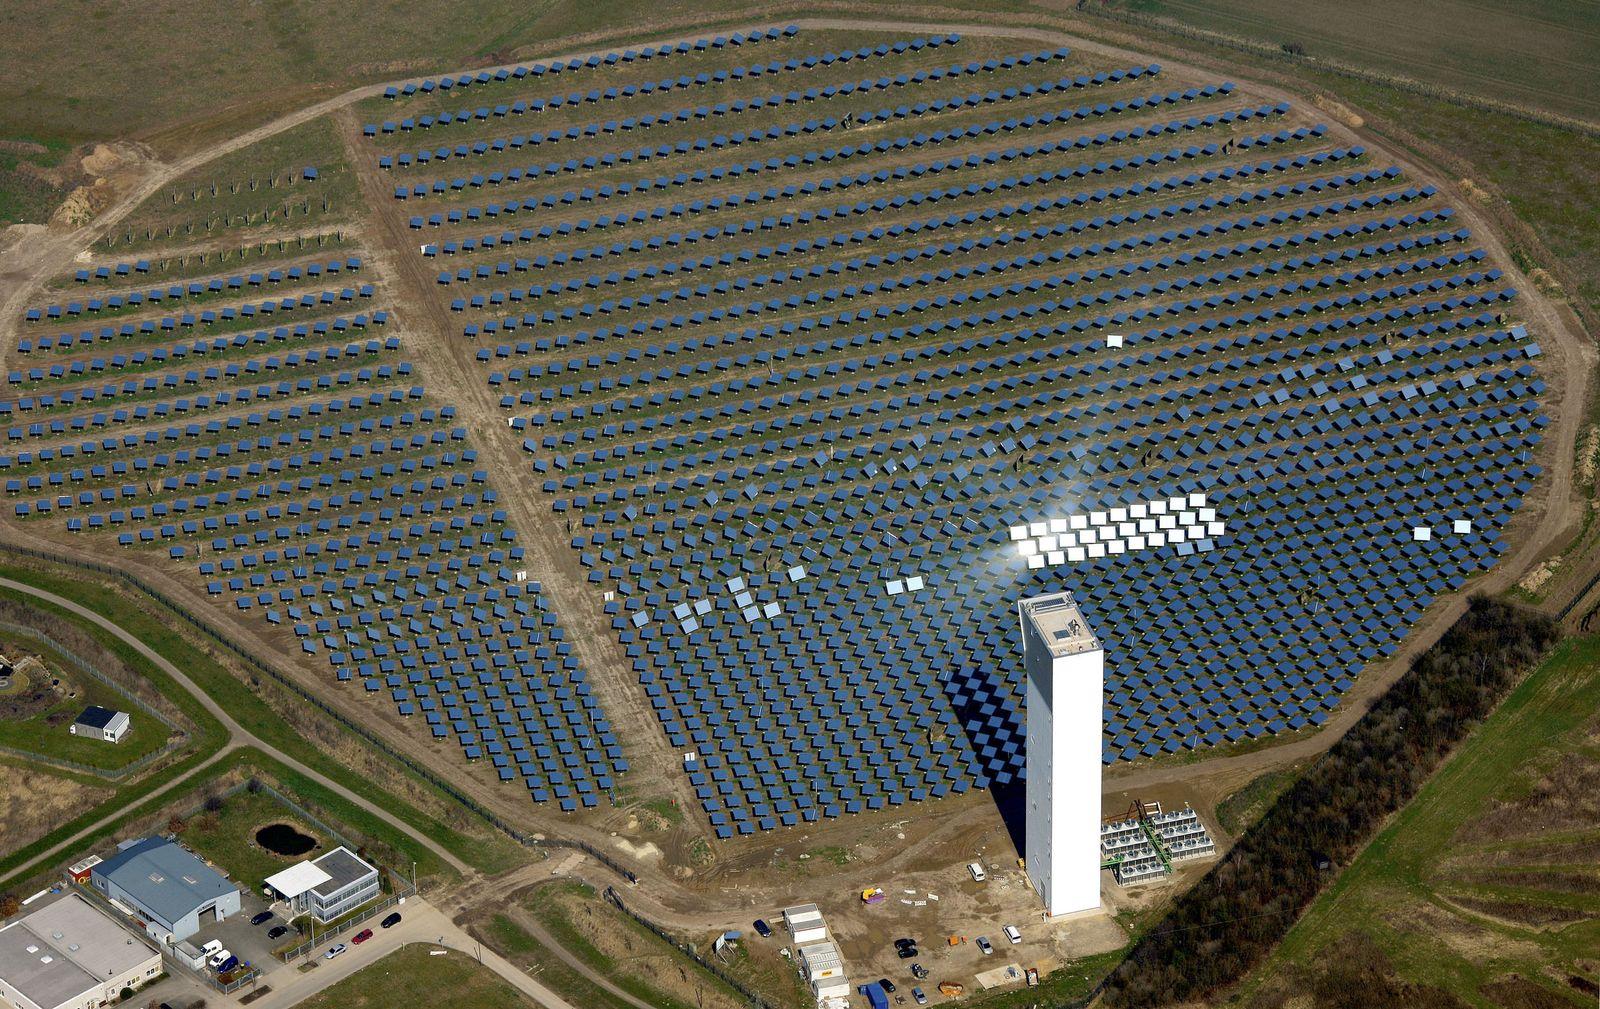 NICHT VERWENDEN Solarturmkraftwerk Juelich